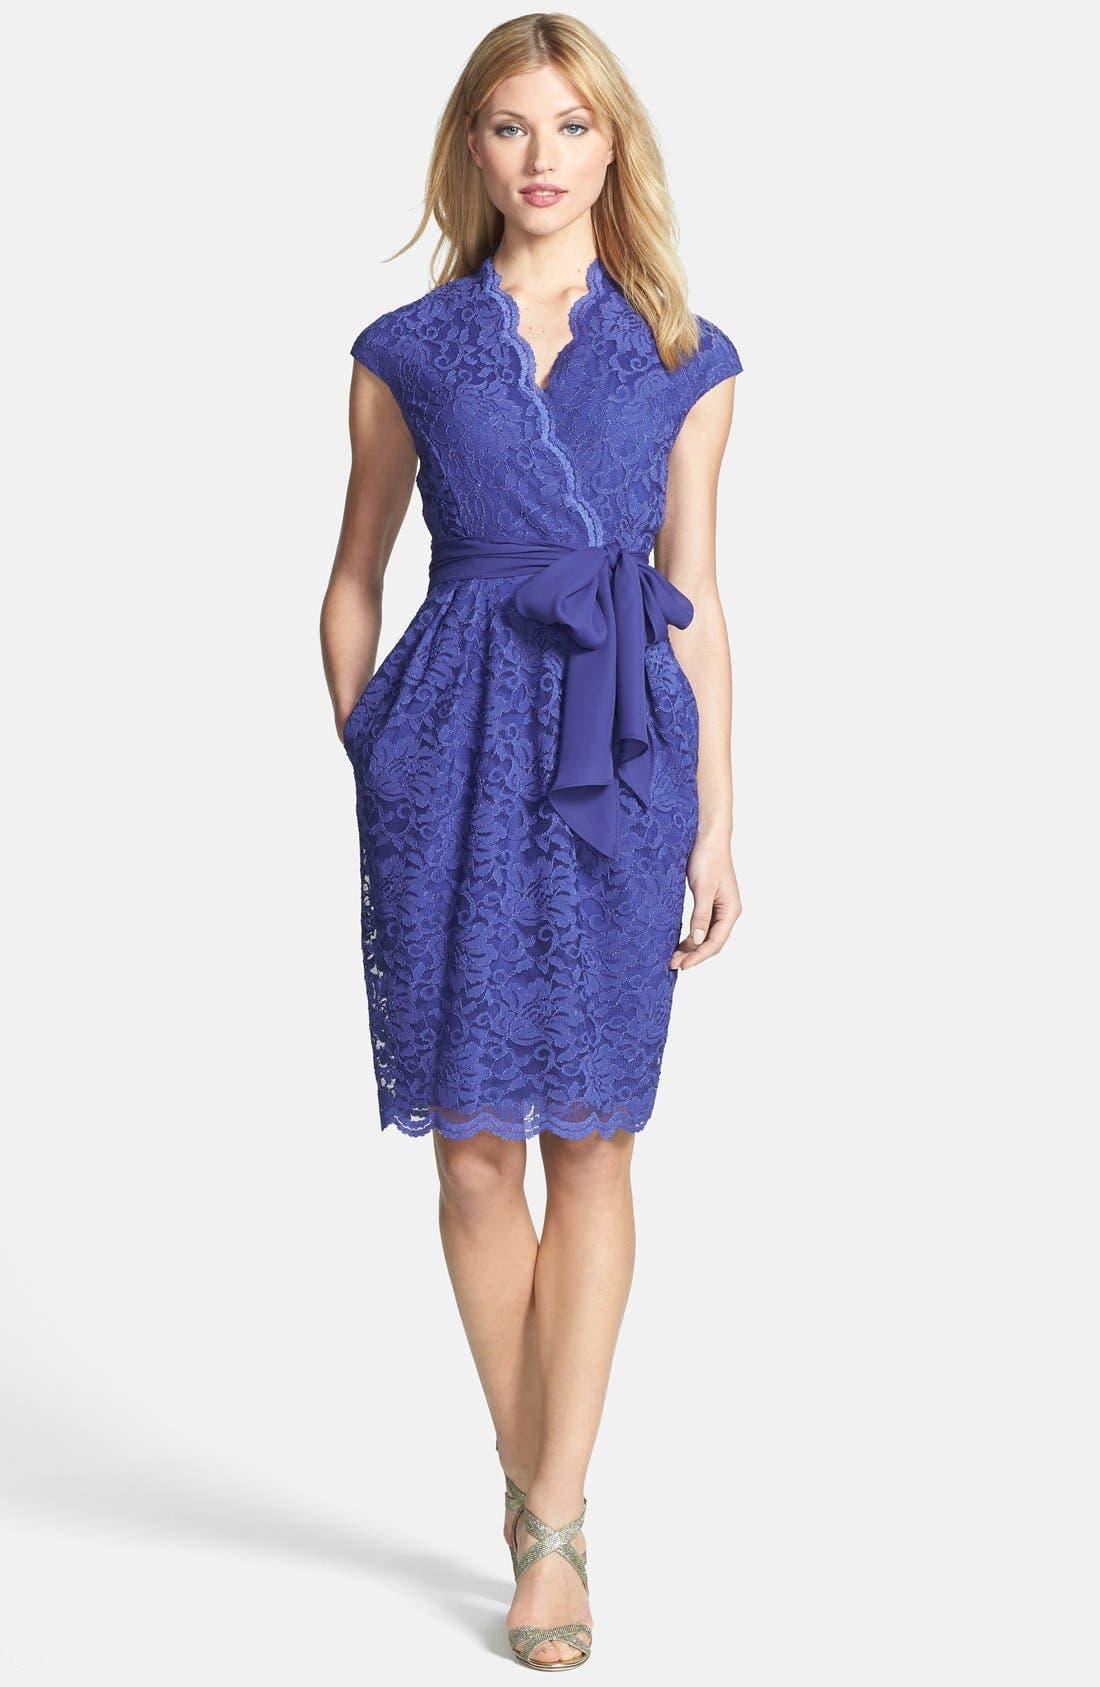 Alternate Image 1 Selected - Alex Evenings Surplice Lace Dress